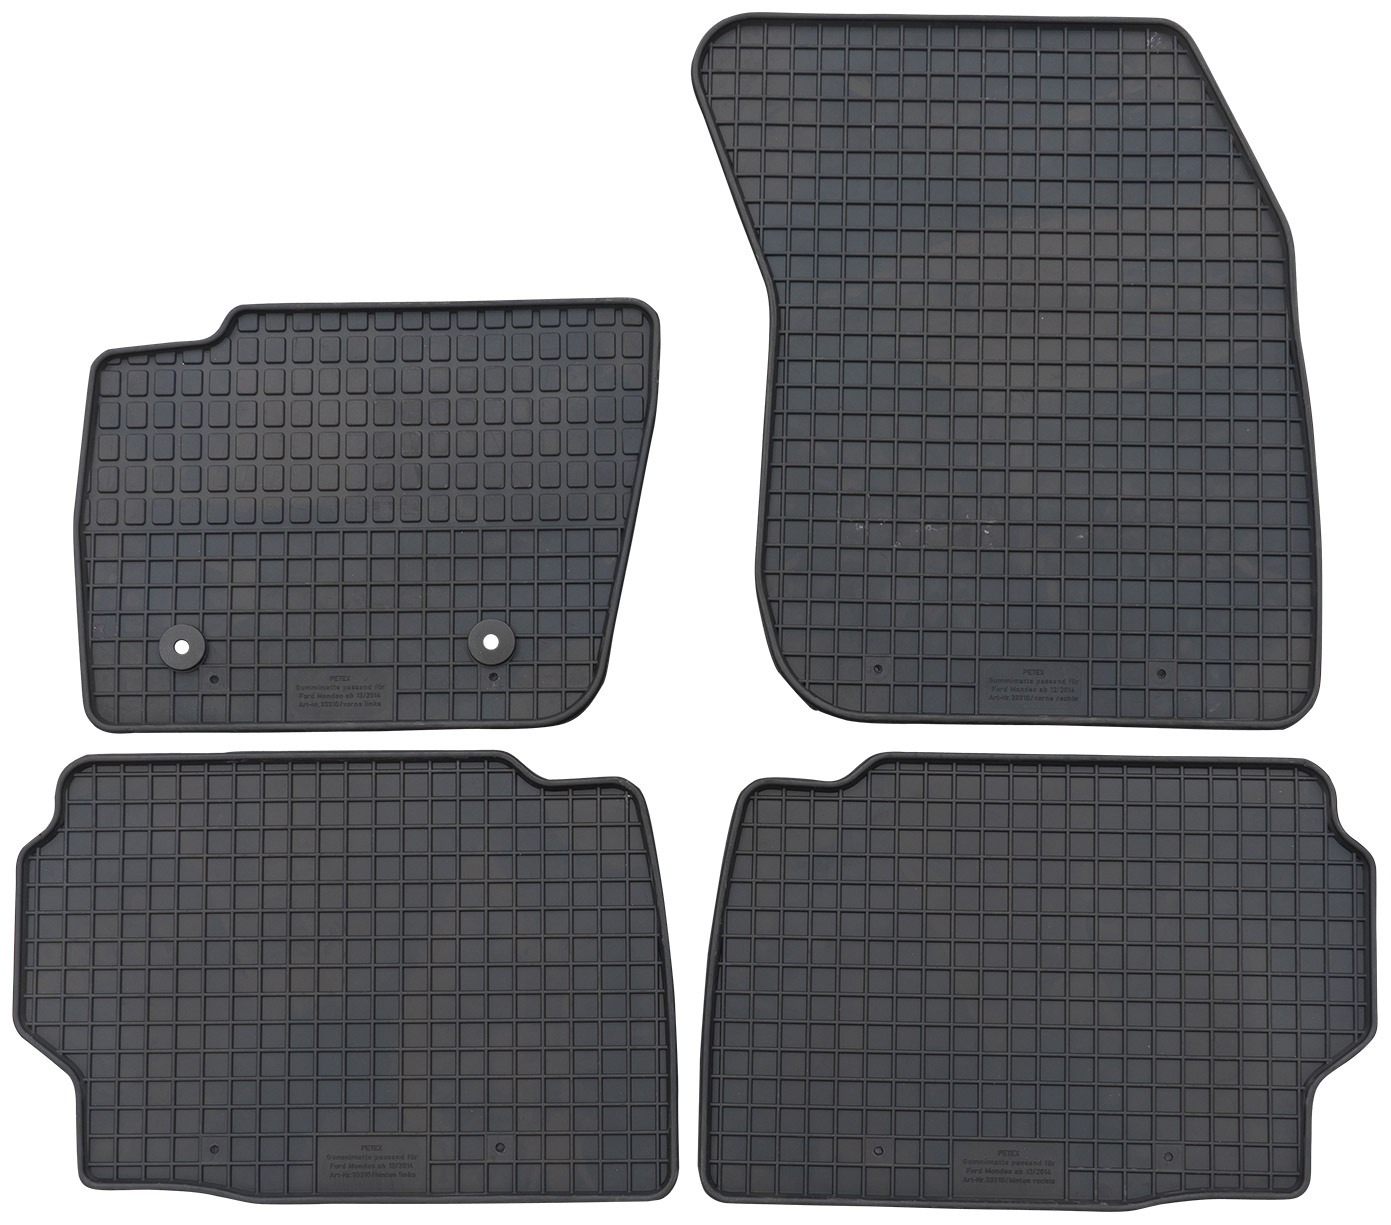 Fußmatten Gummimatten passend für FORD MONDEO MK5 ab 2014